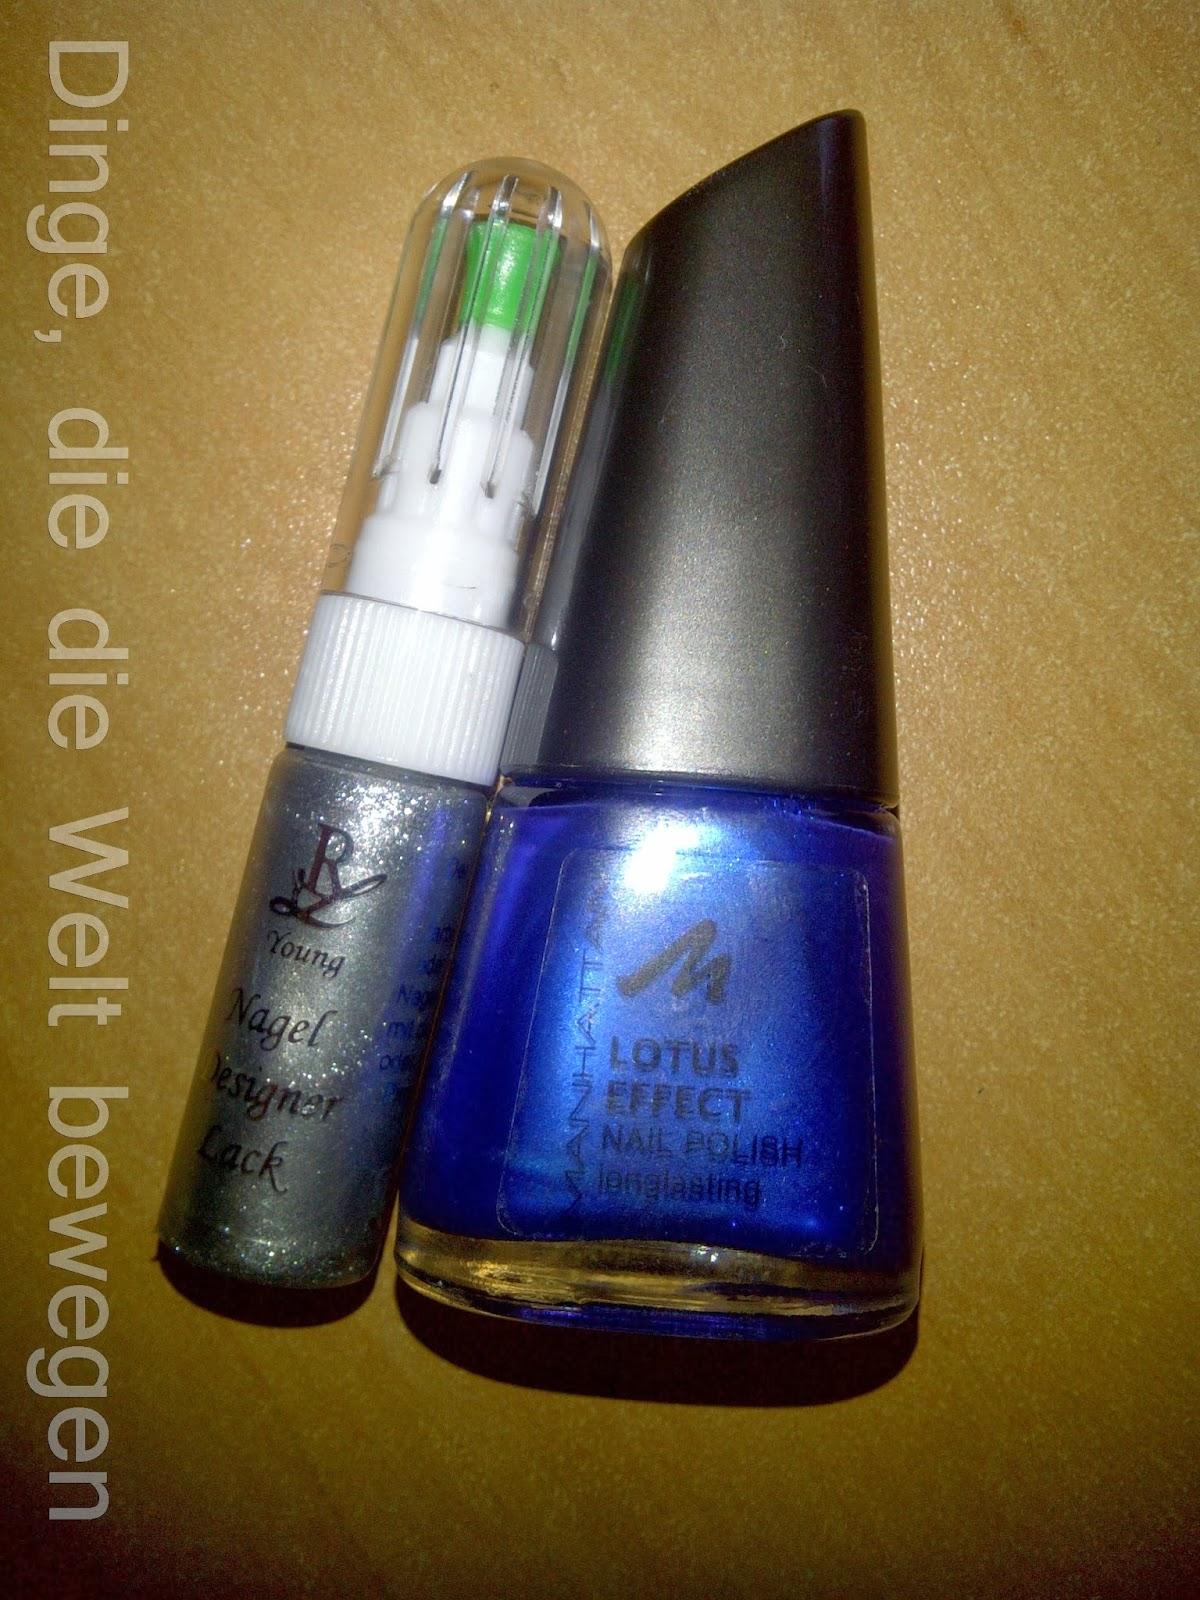 Blau-silberne Nägel - Ein schönes Duo - Dinge, die die Welt bewegen